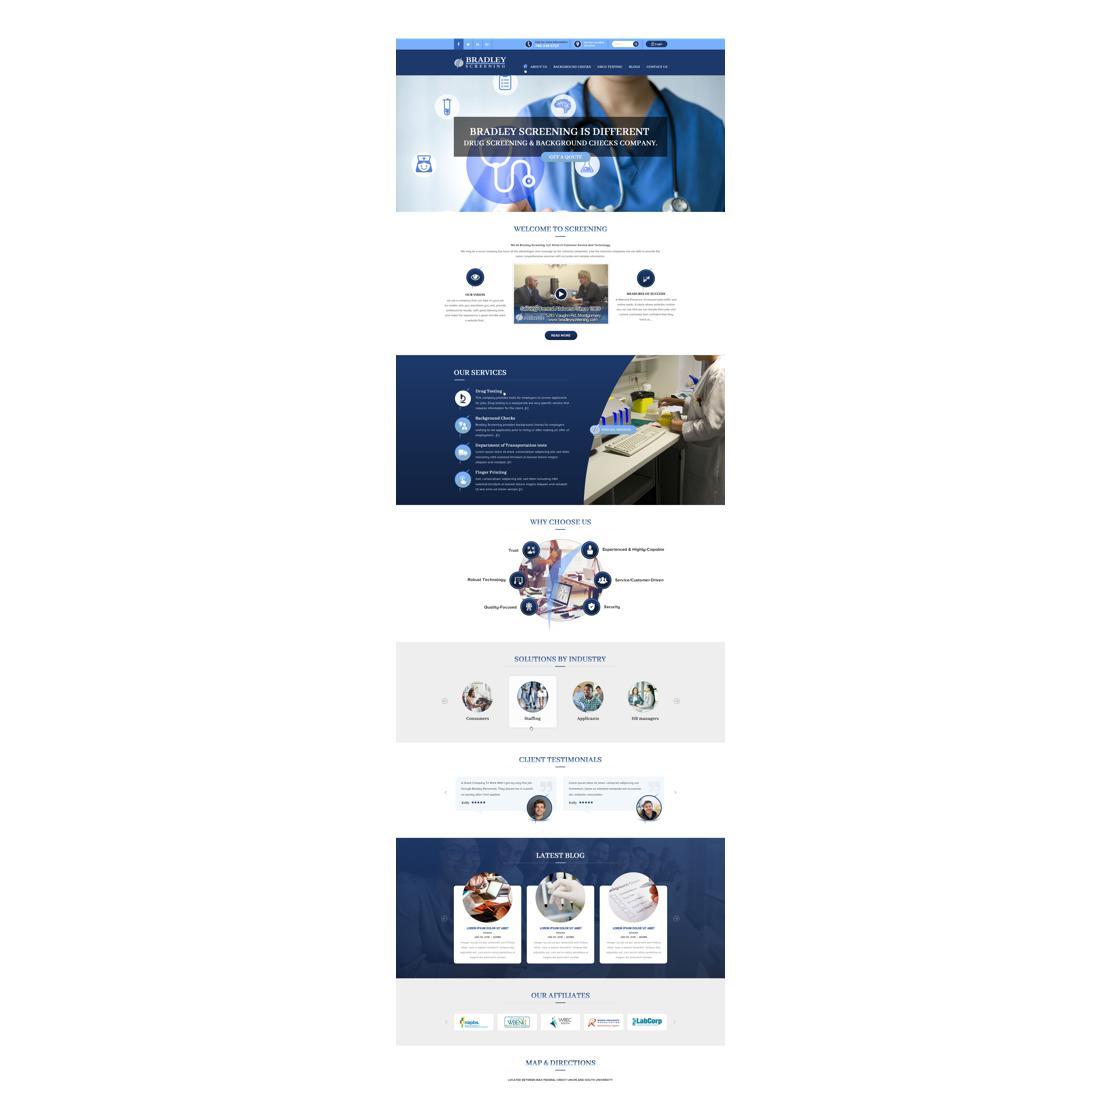 website designed by mita79_29